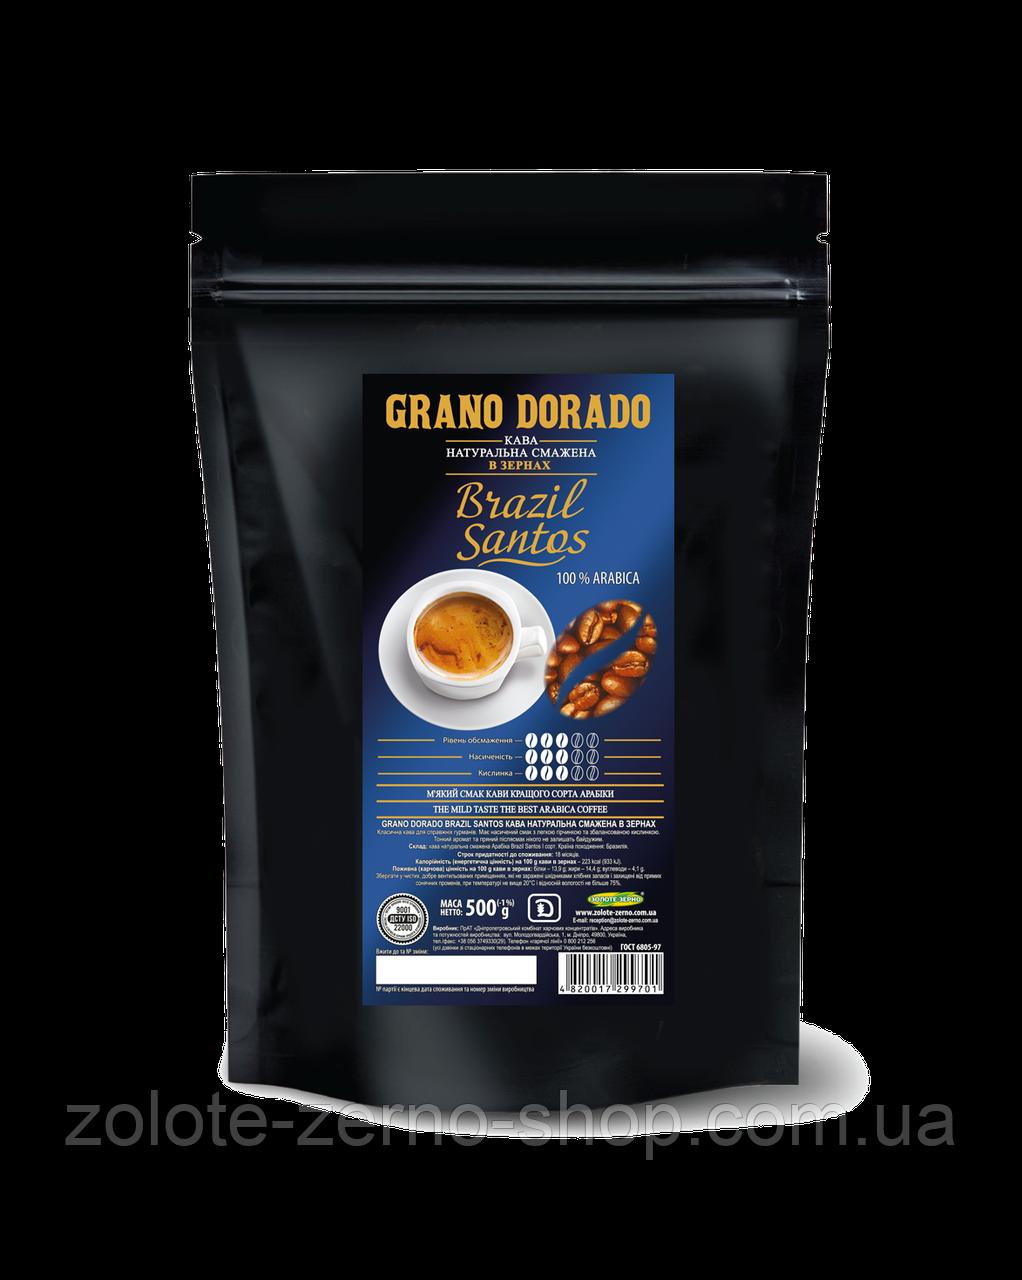 Кава в зернах Grano Dorado Brazil Santos 500 г